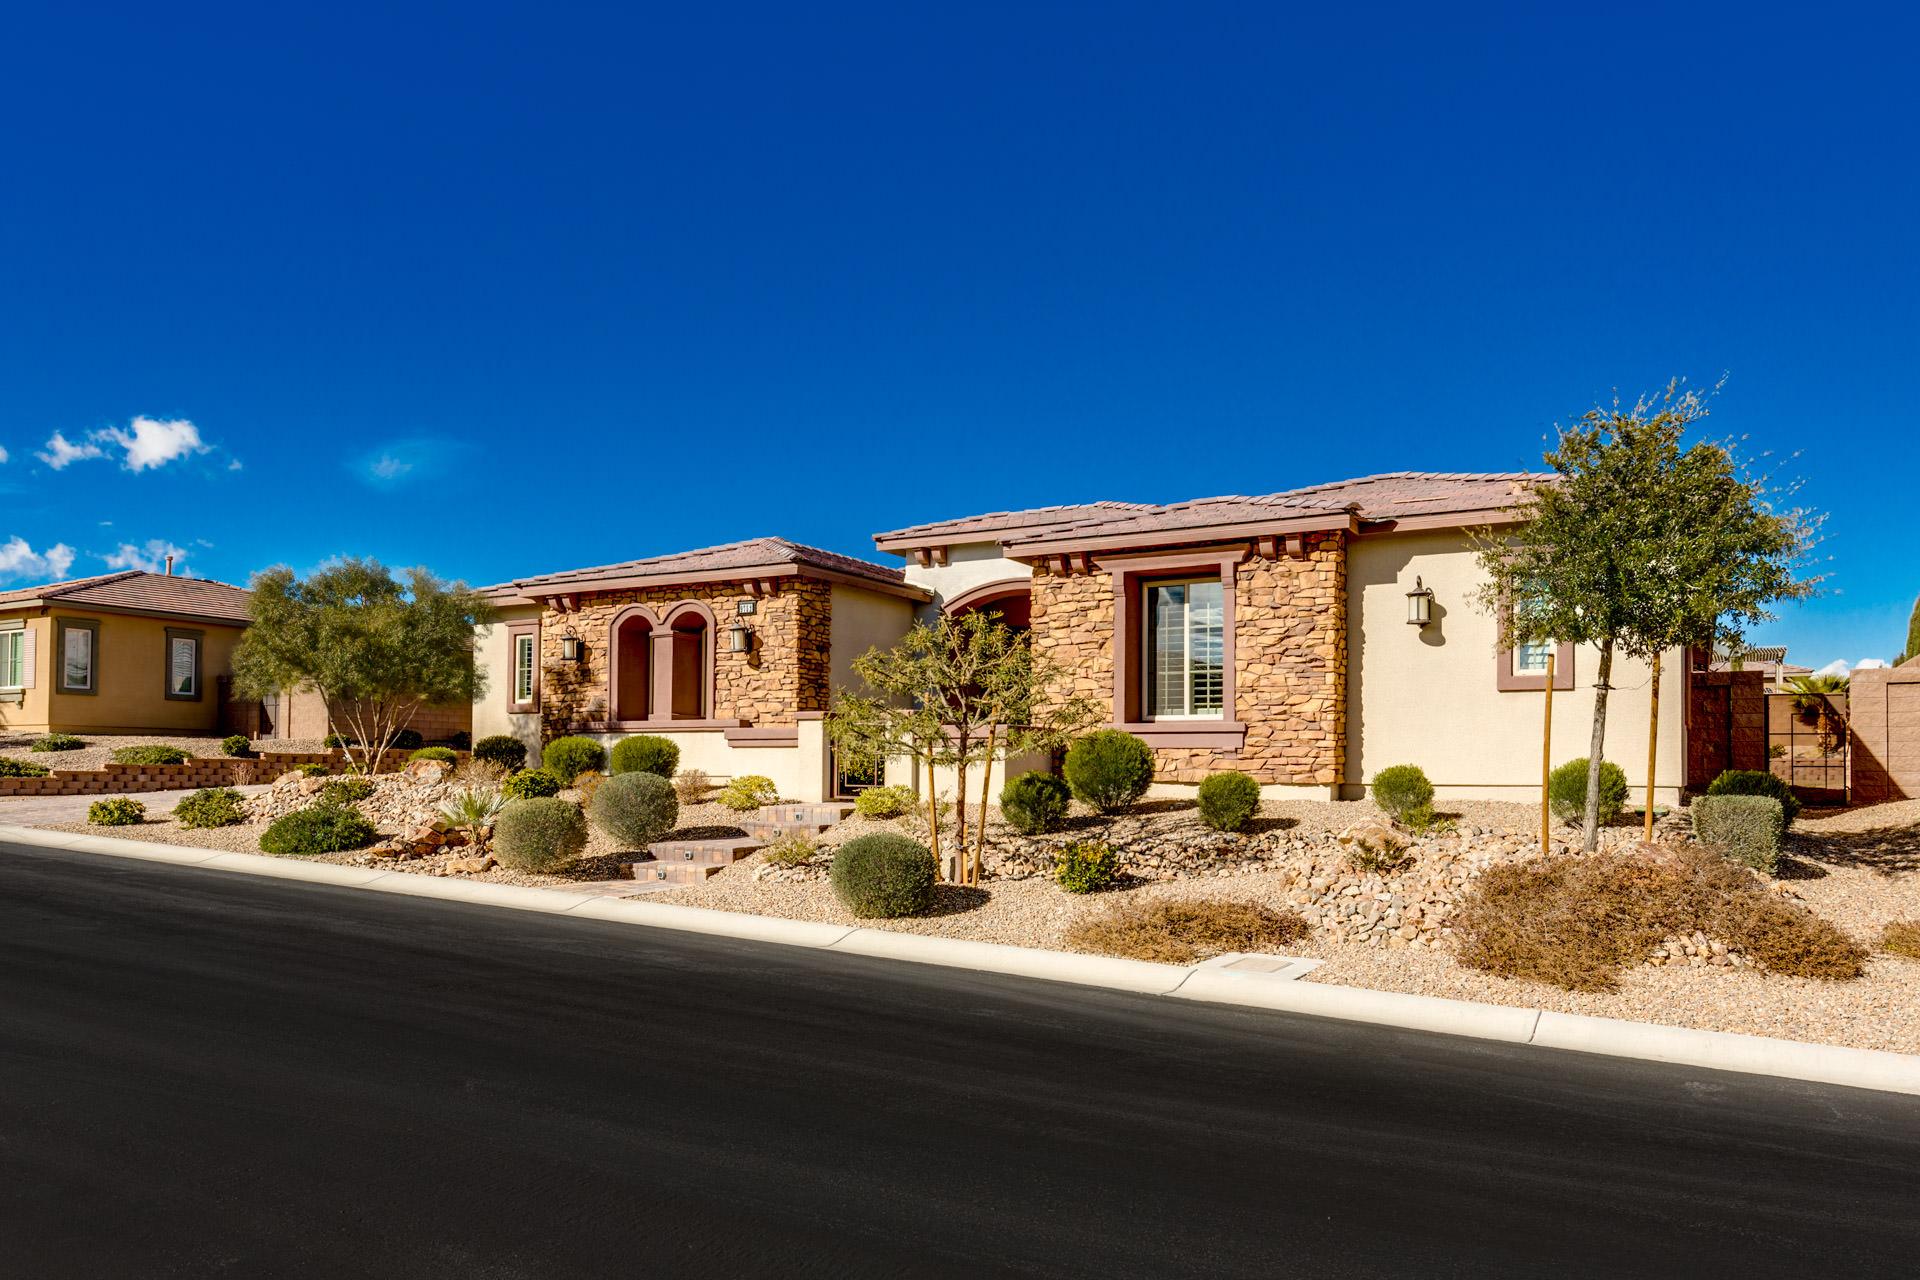 Centennial Hills Las Vegas 9752 Serene Star Way